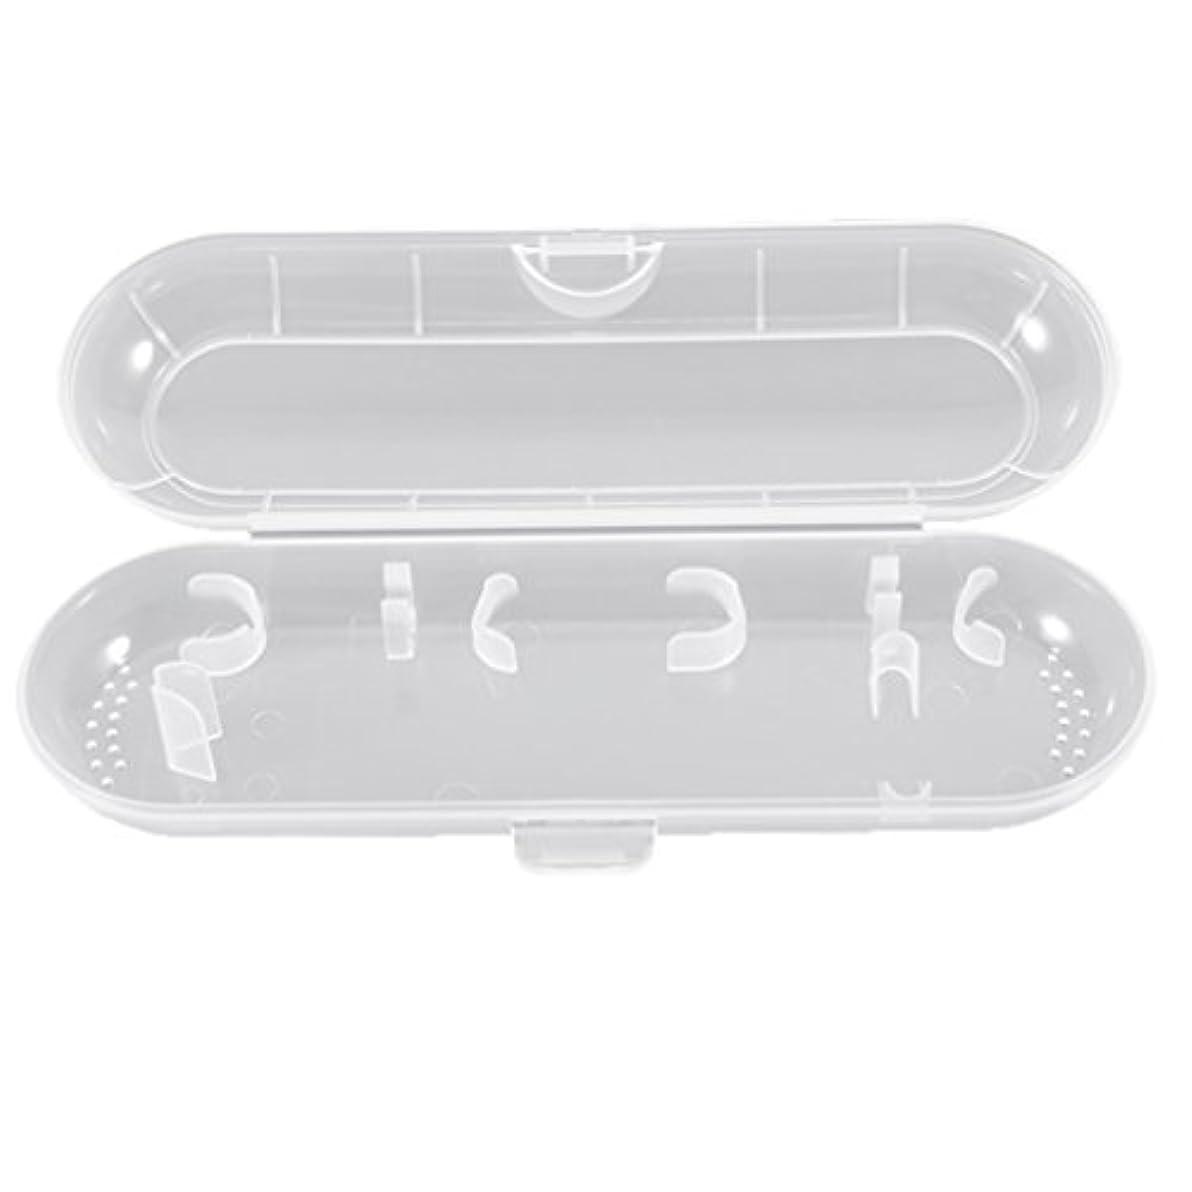 上充電悔い改めるHonel 透明 電動歯ブラシ収納ボックス プラスチック 電動歯ブラシケース 収納ケース ブラウン オーラルB対応